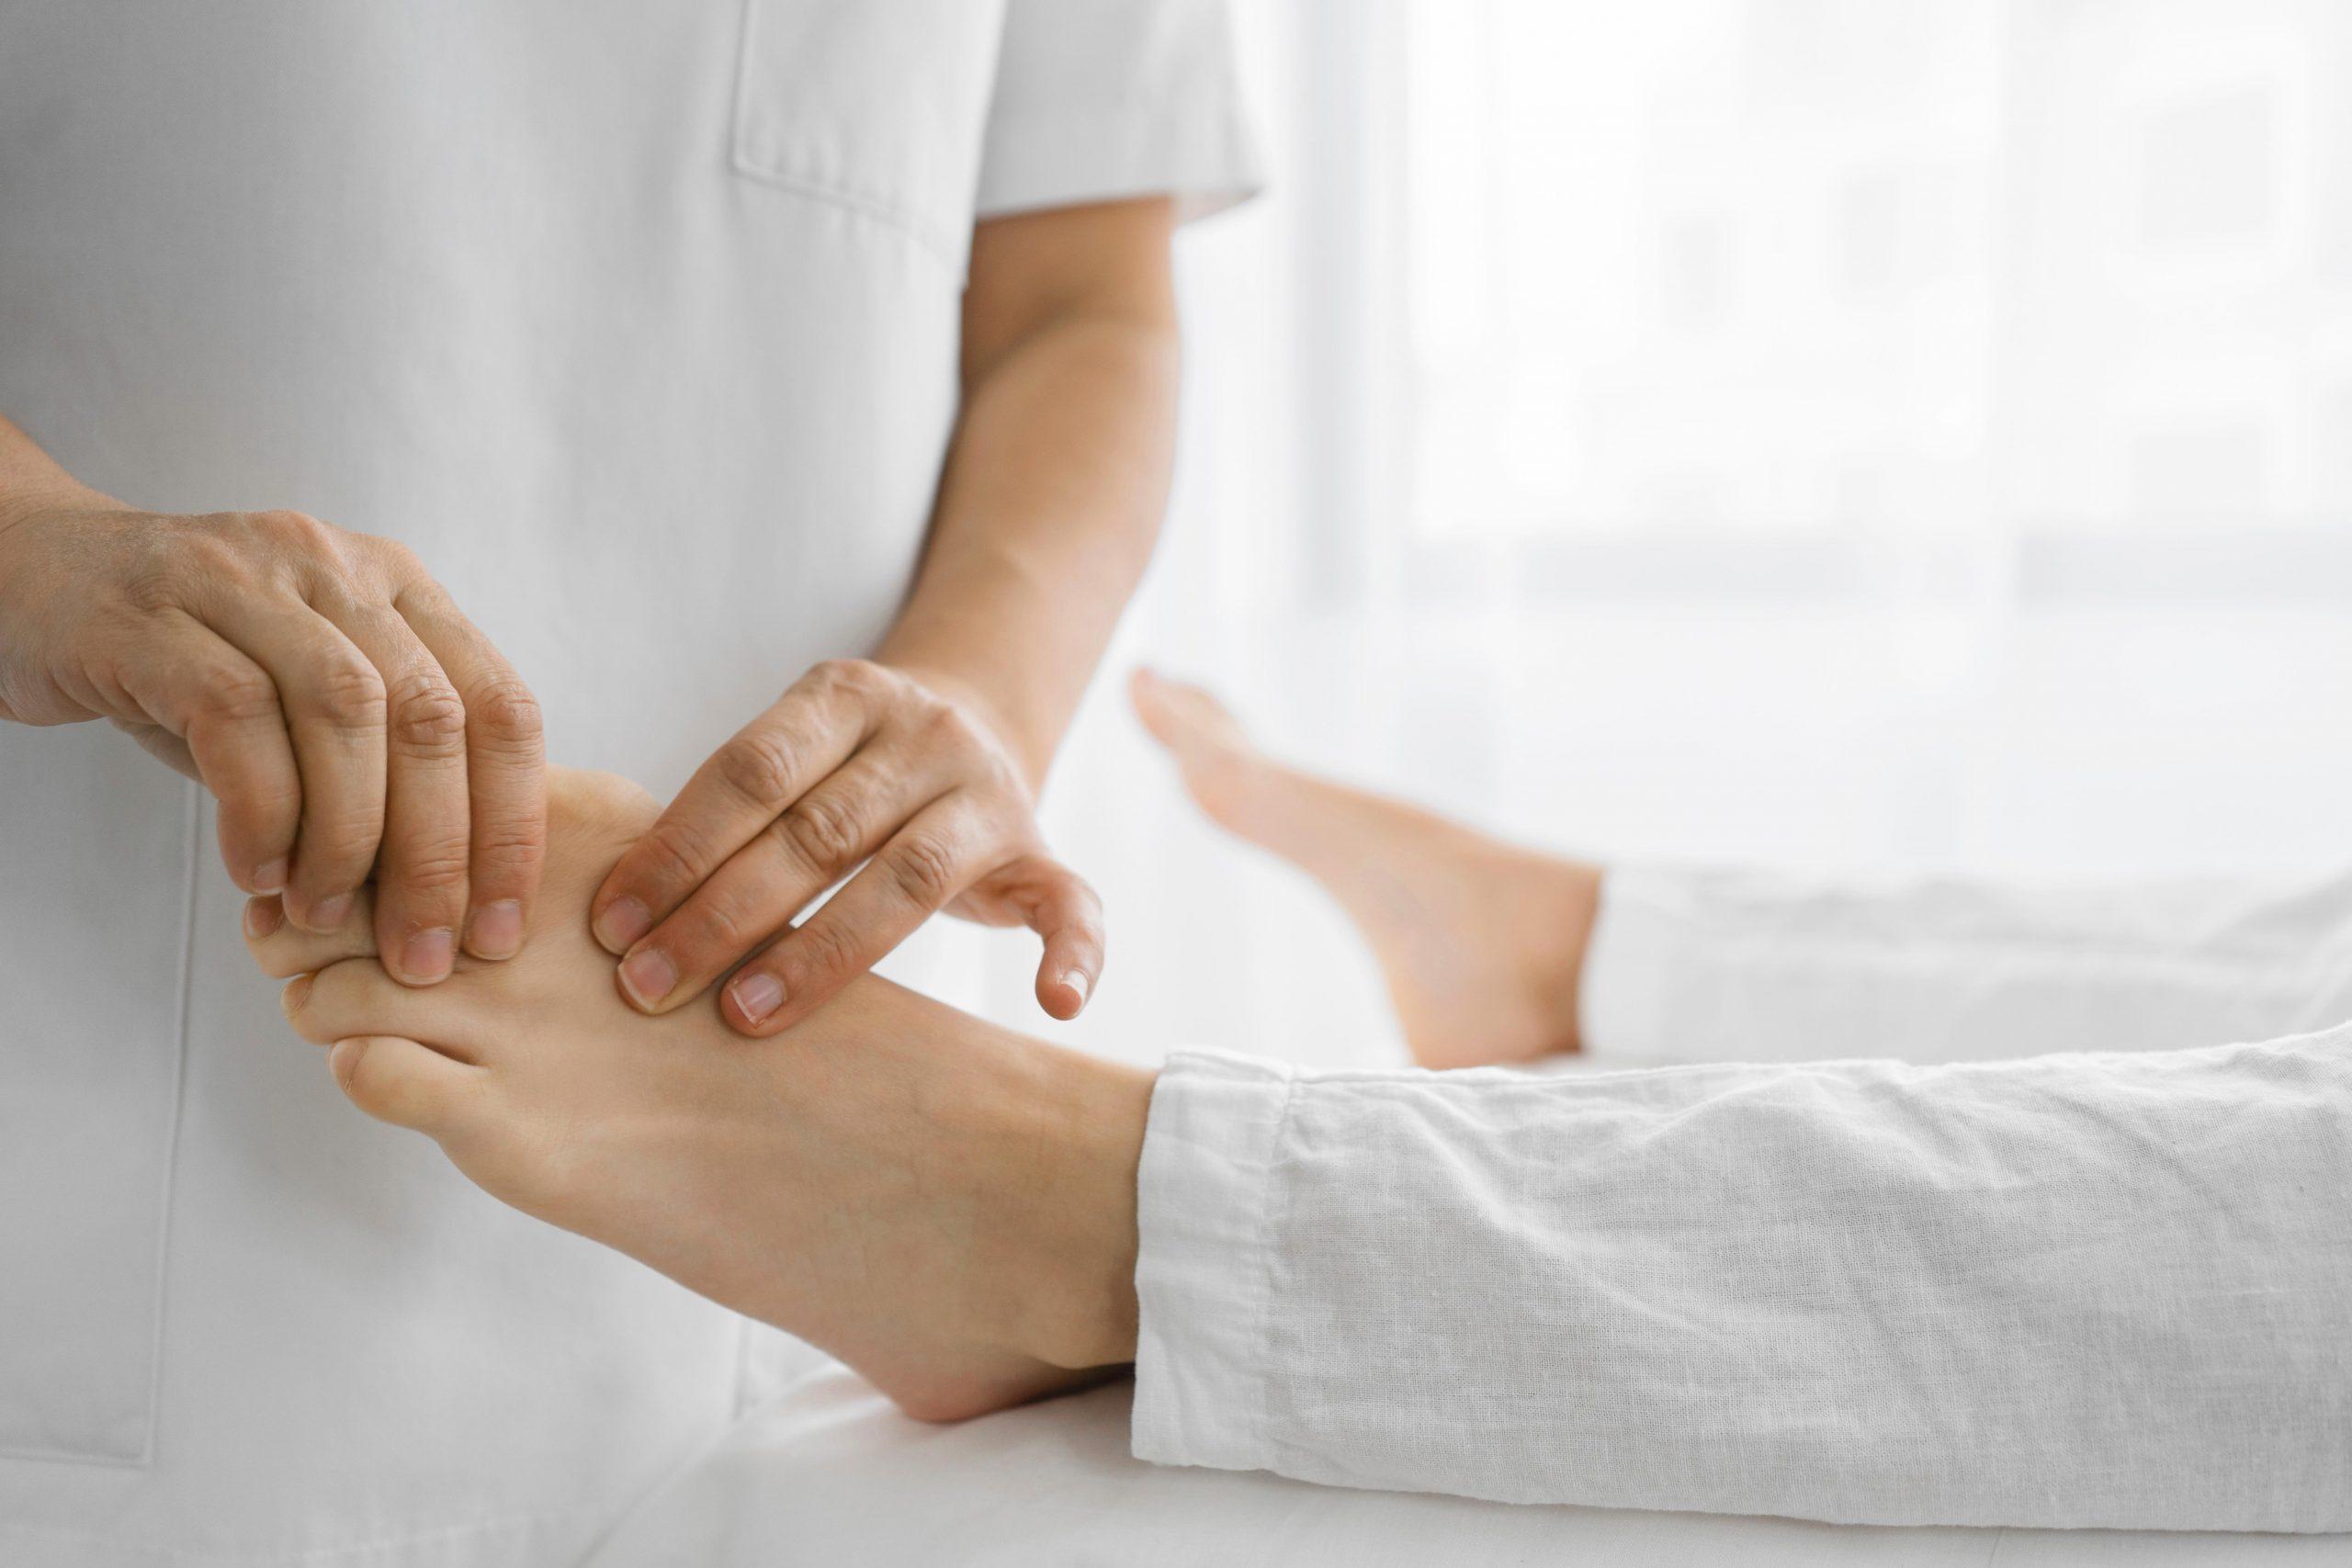 علاج الأيورفيدا كيرالا